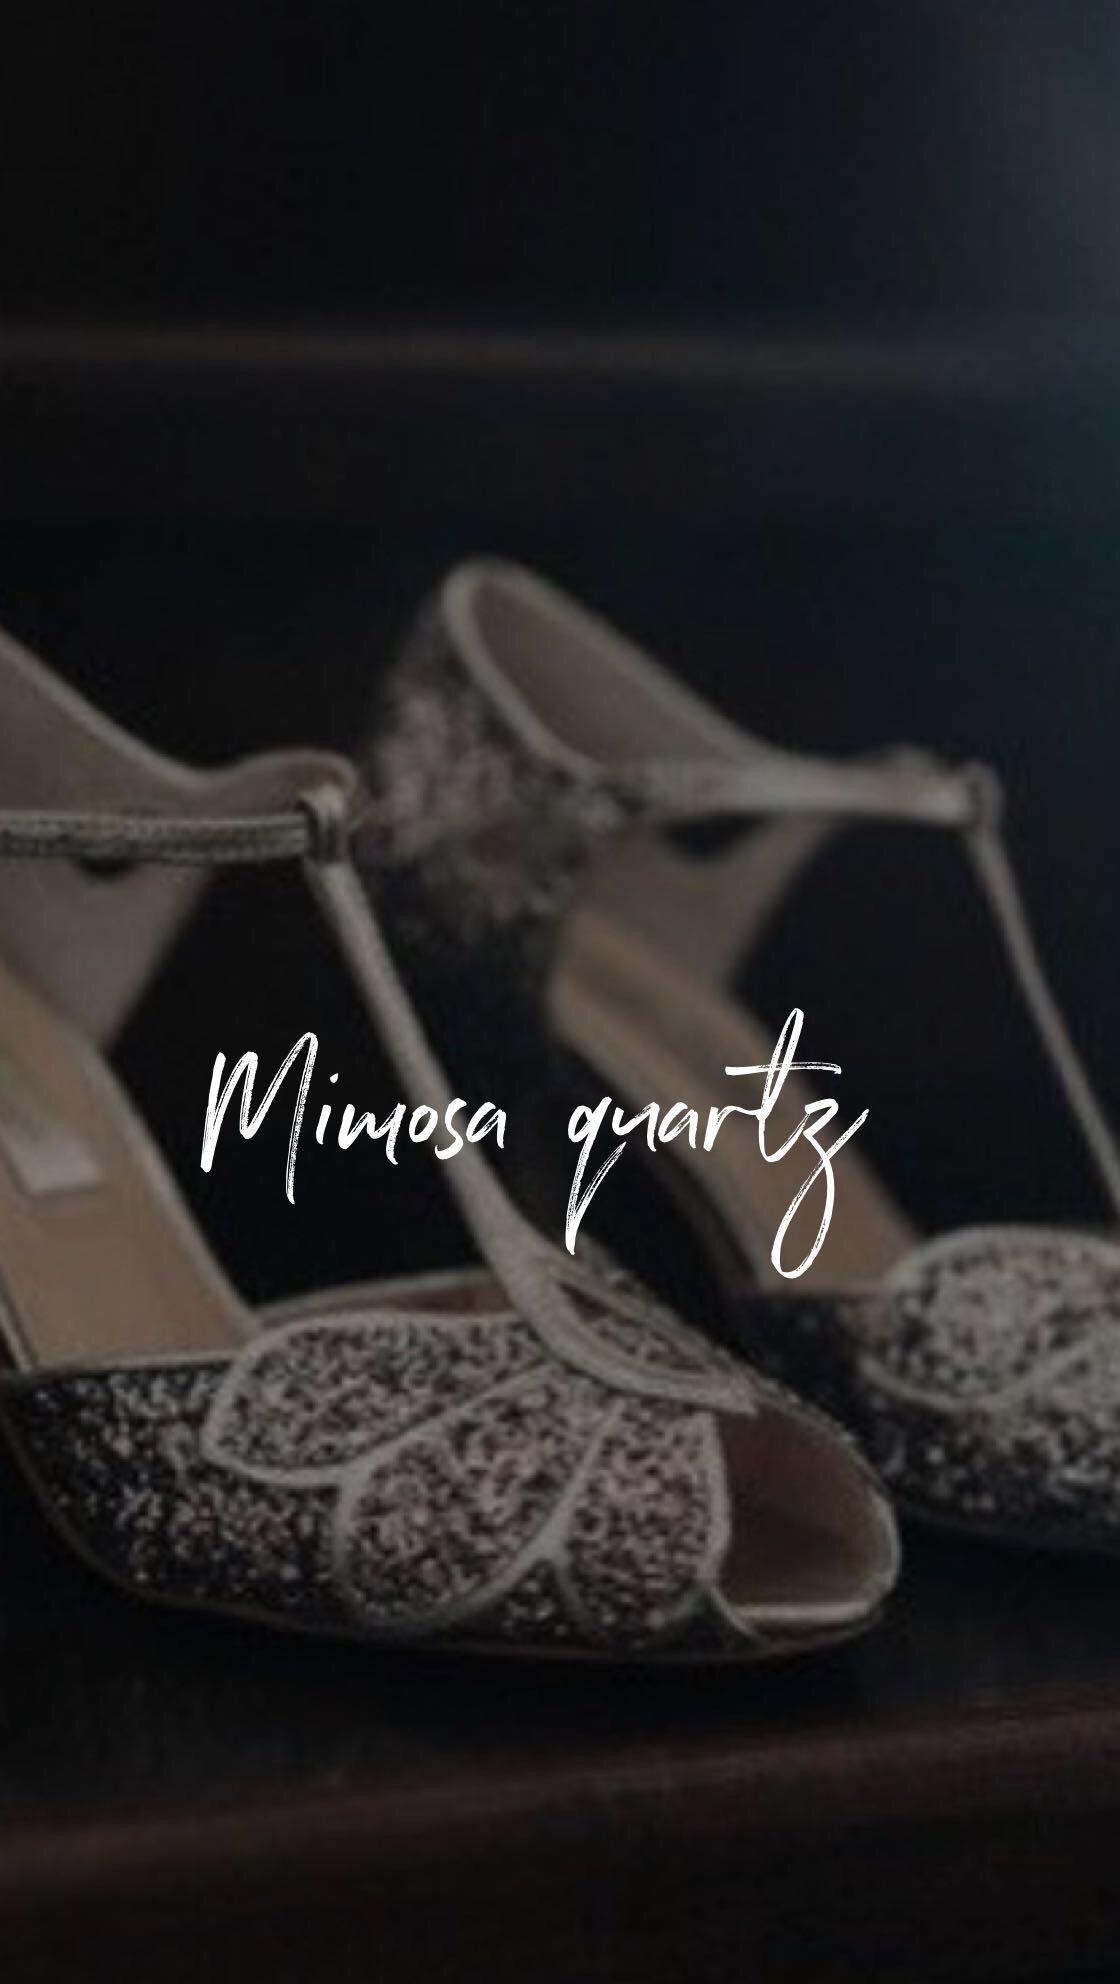 4bd8cc1b0c0 Mimosa quartz - les chaussures de mariage parfaites   ultra confortable